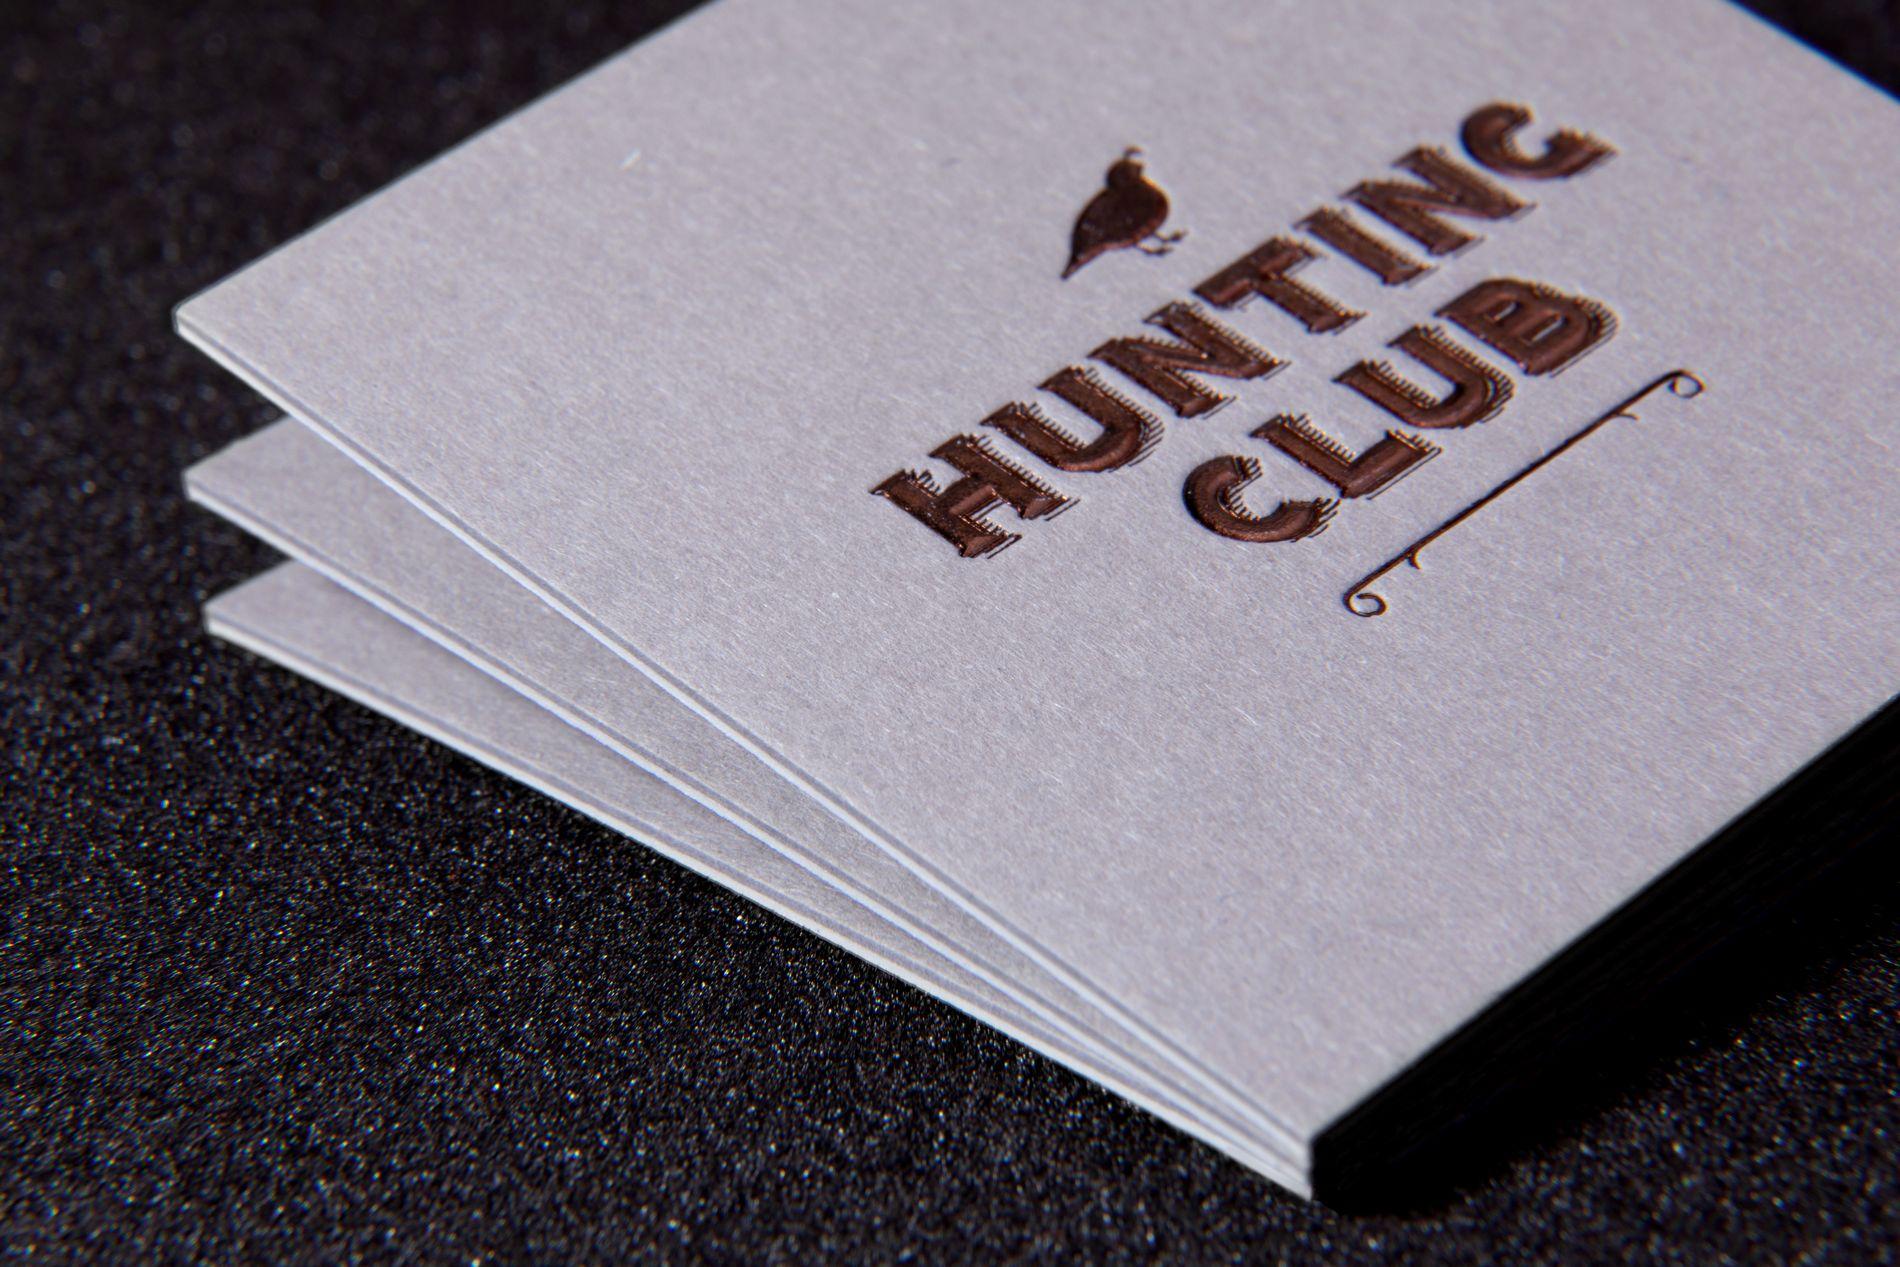 Nostroinchiostro – Hunting Club – 3